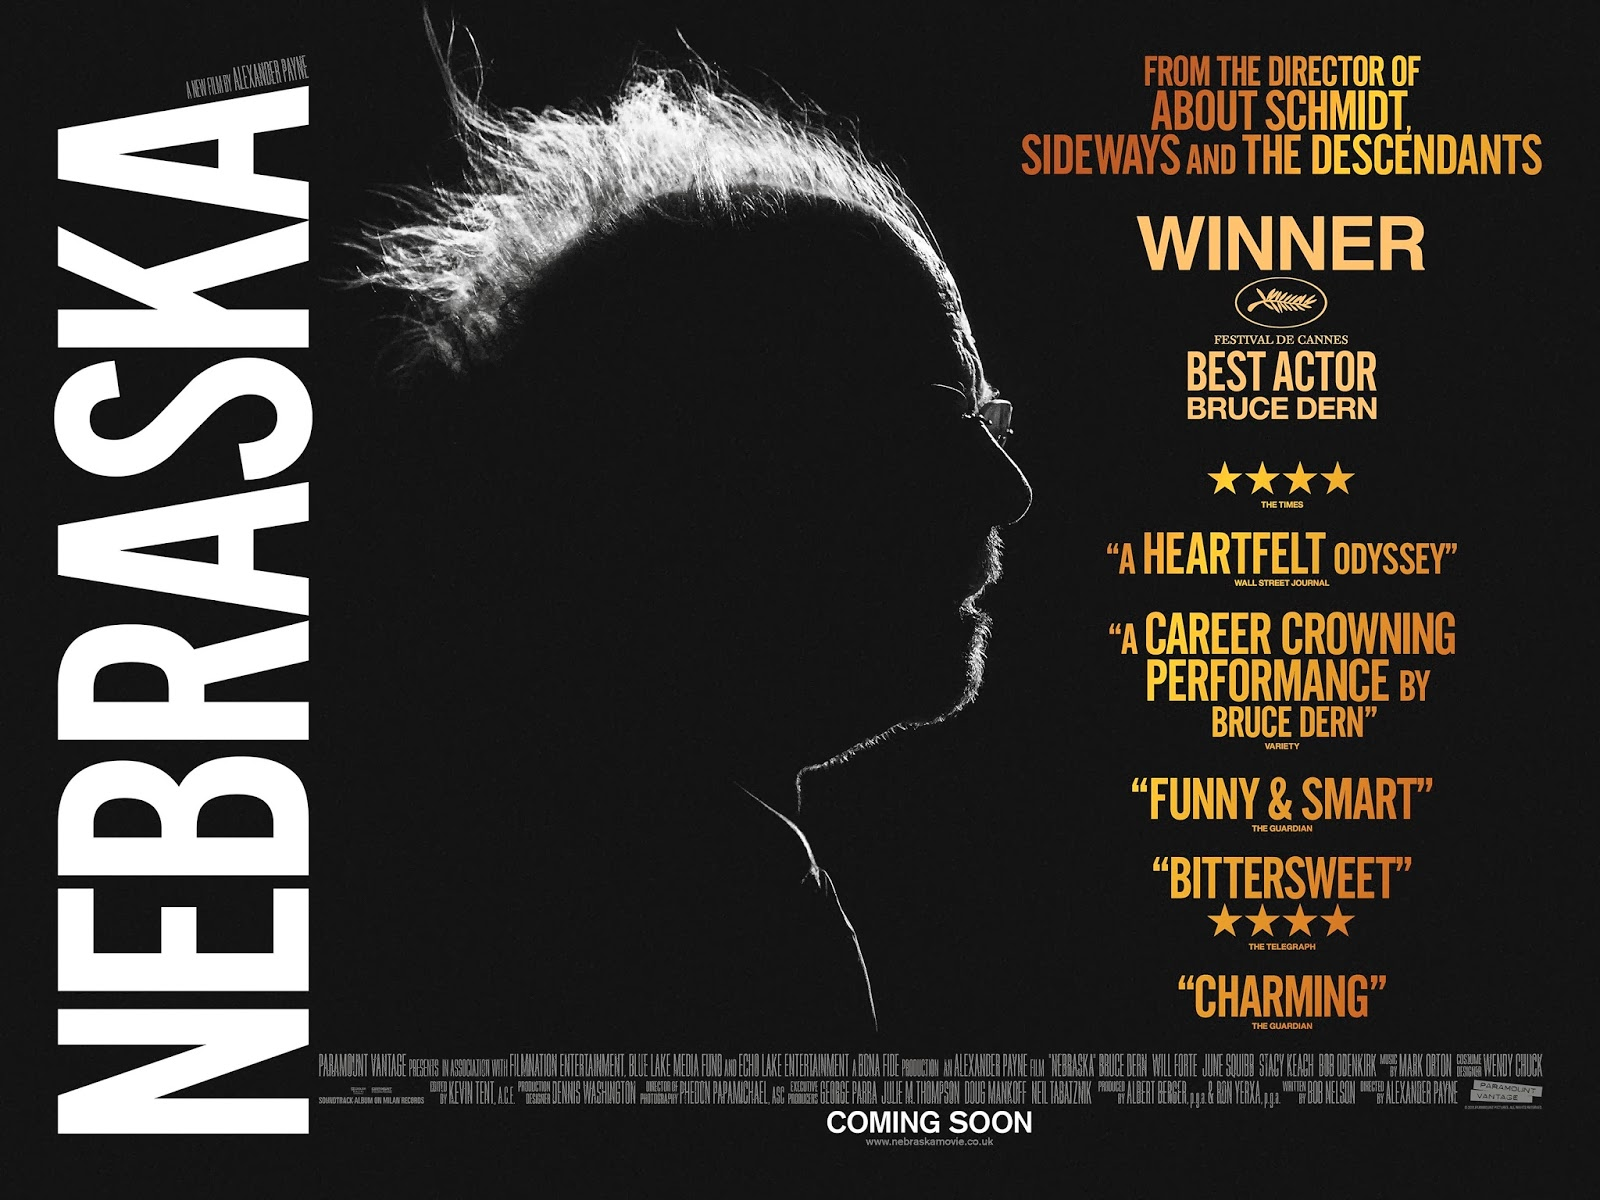 Filmes, seriados, documentários e afins - Página 3 Nebraska-Poster-Quad